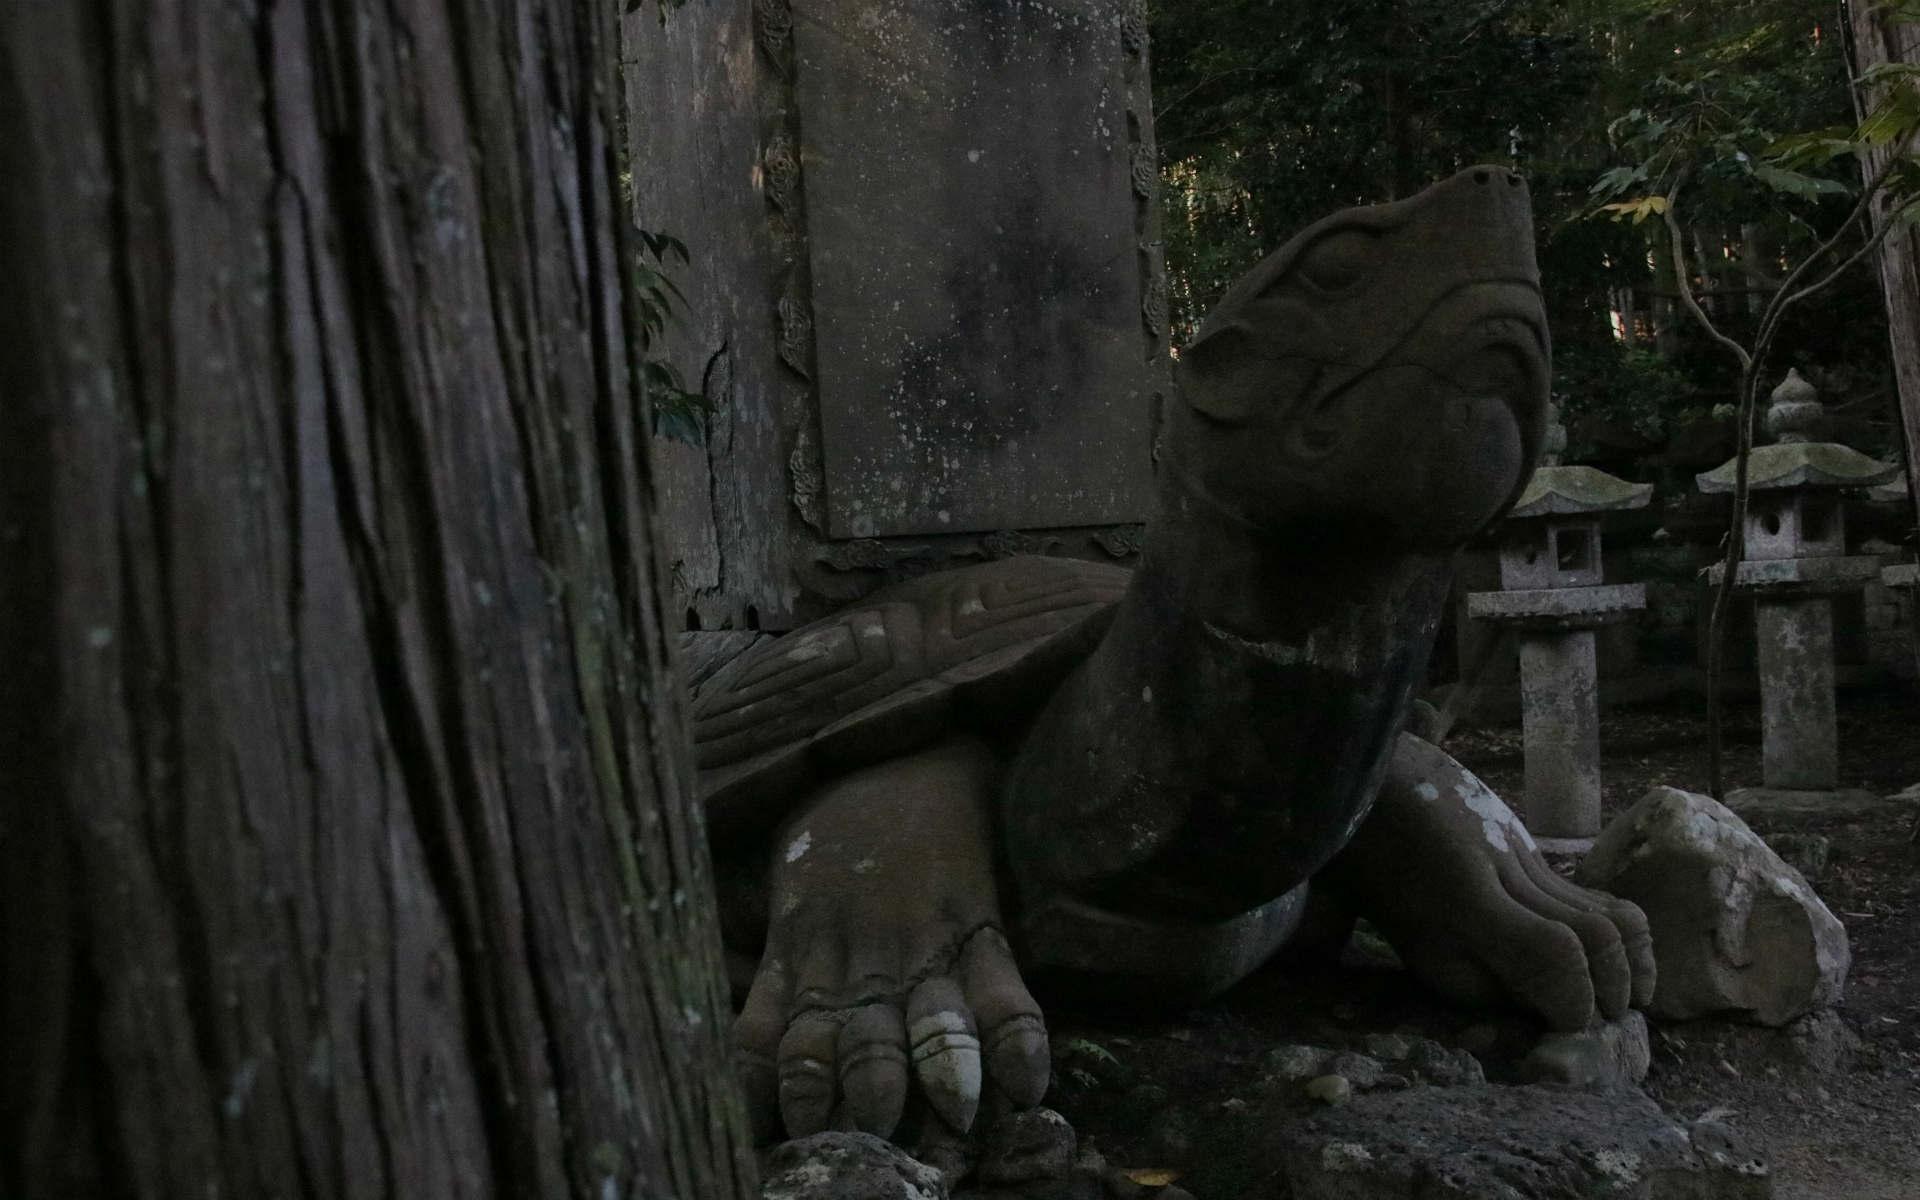 月照寺の大亀。夜中に動き出して悪さをしたという